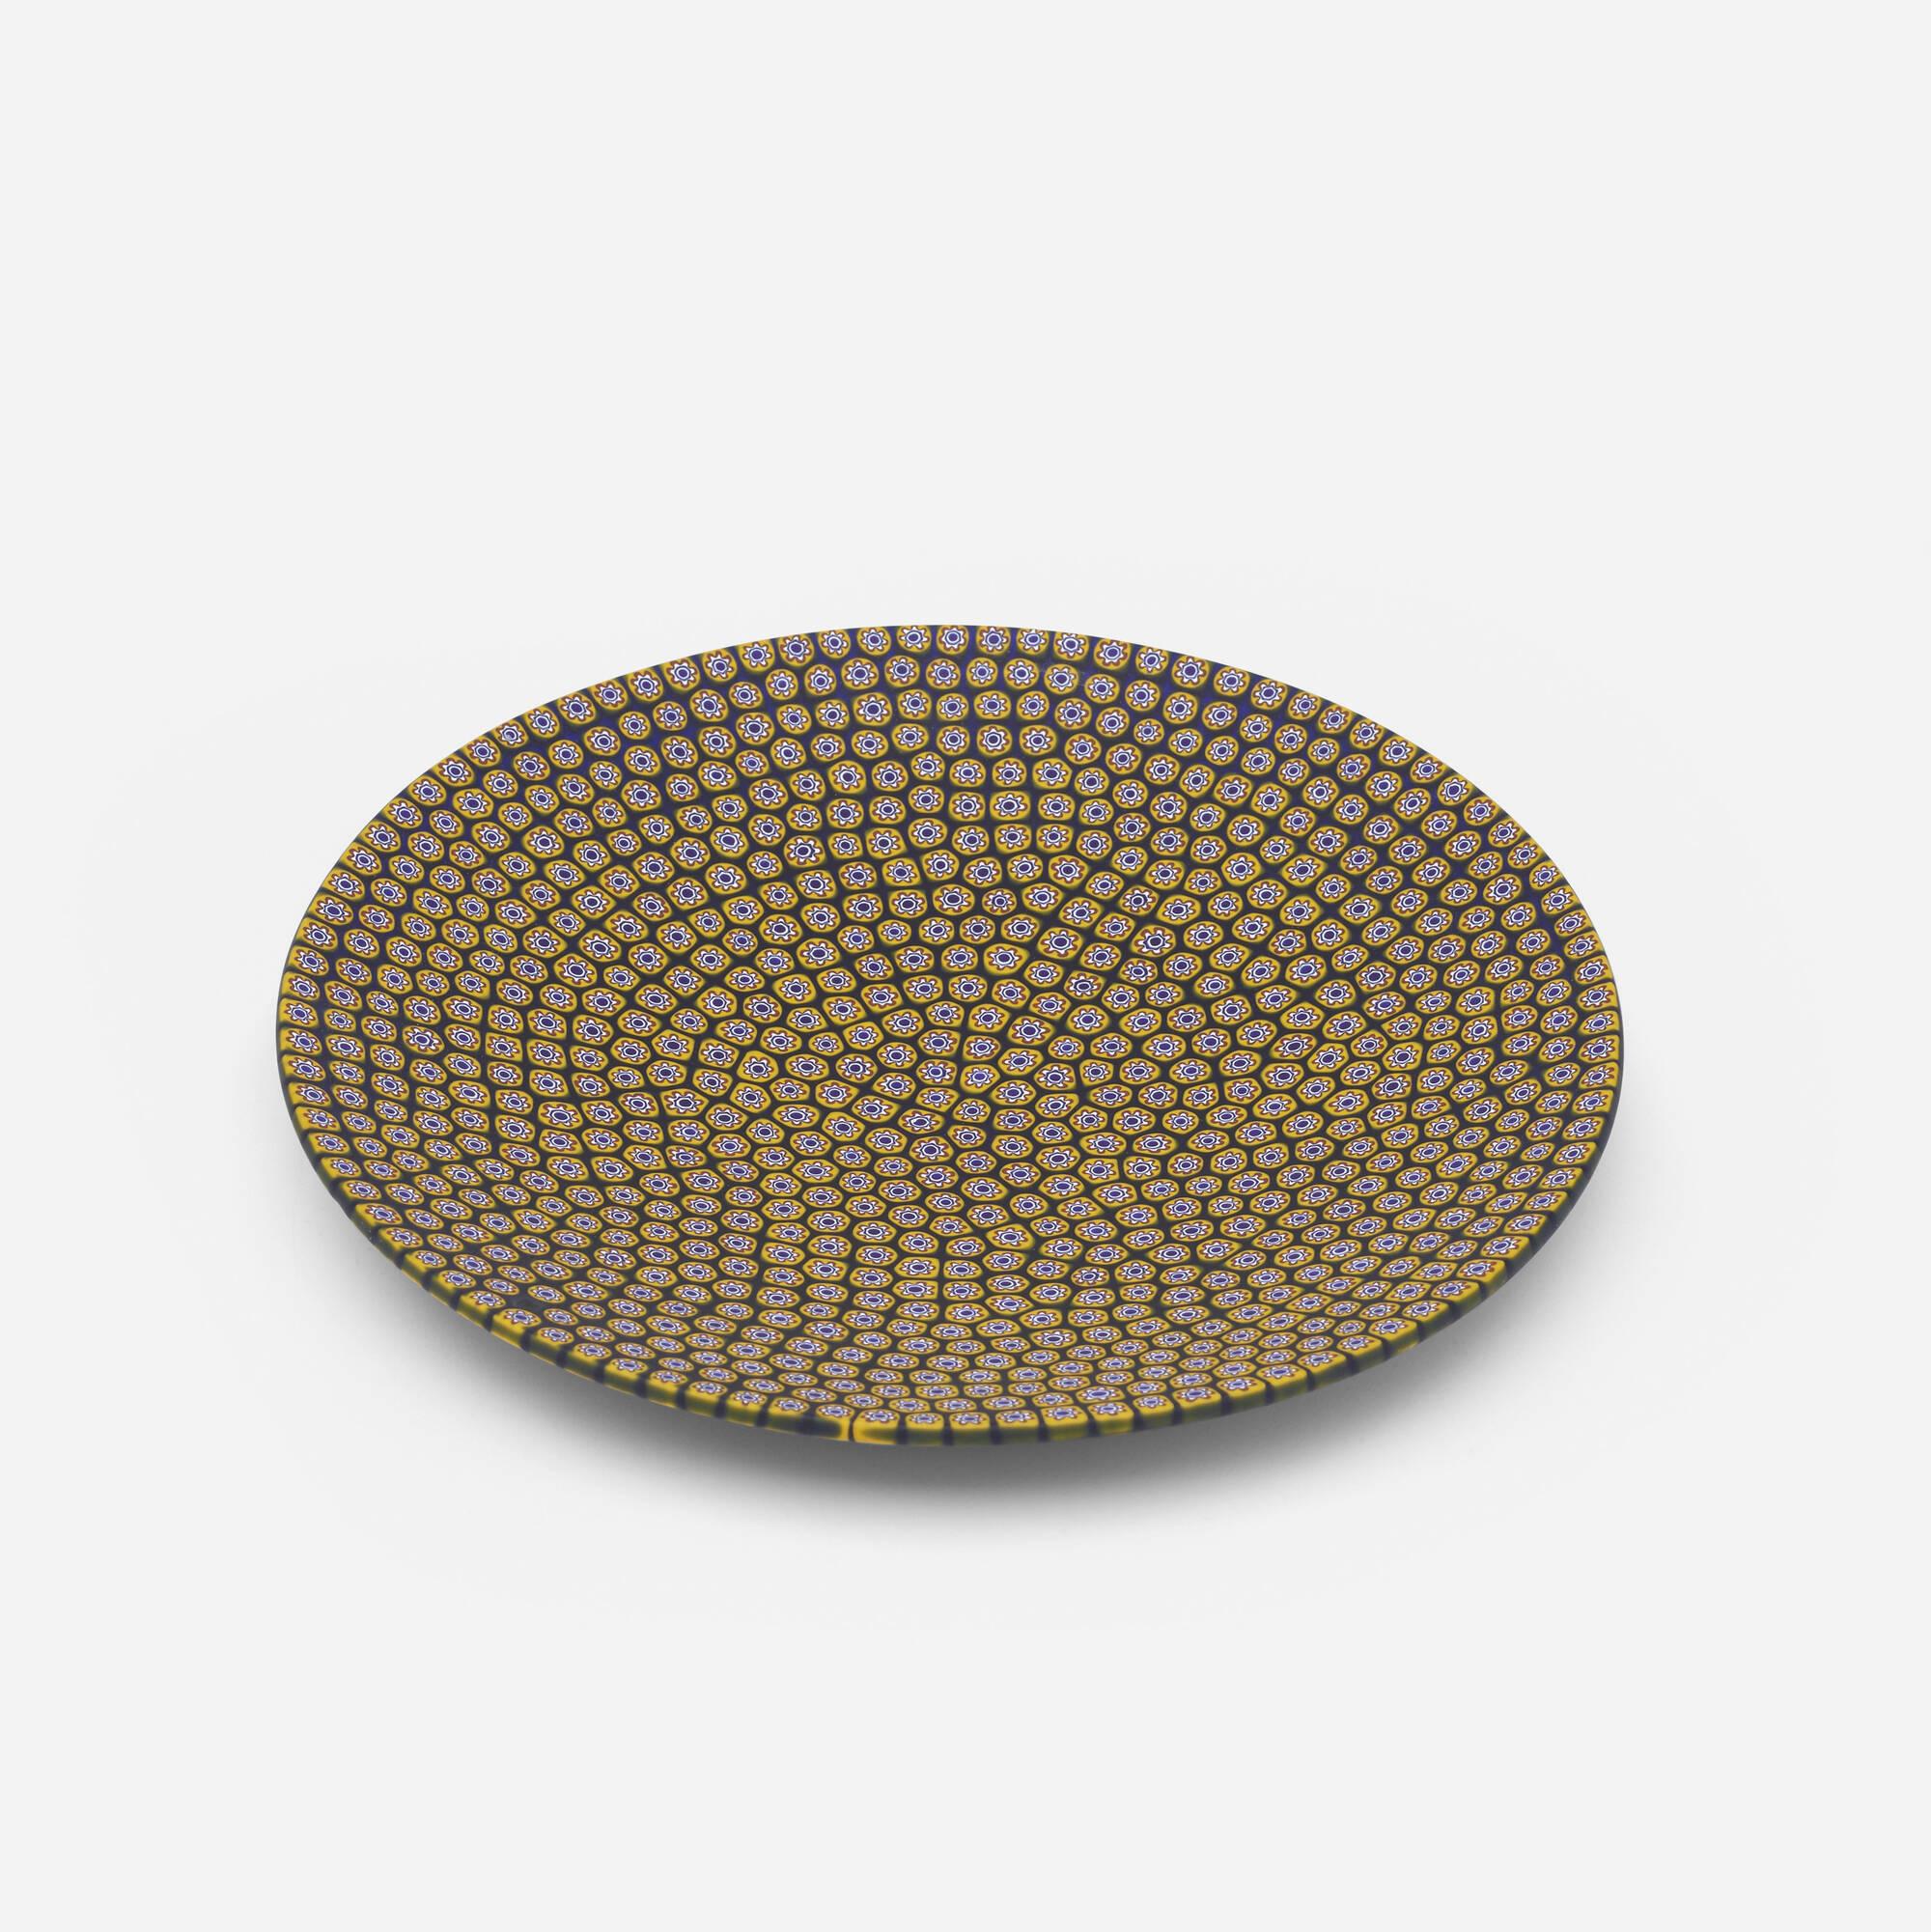 613: Carlo Moretti / plate (1 of 2)